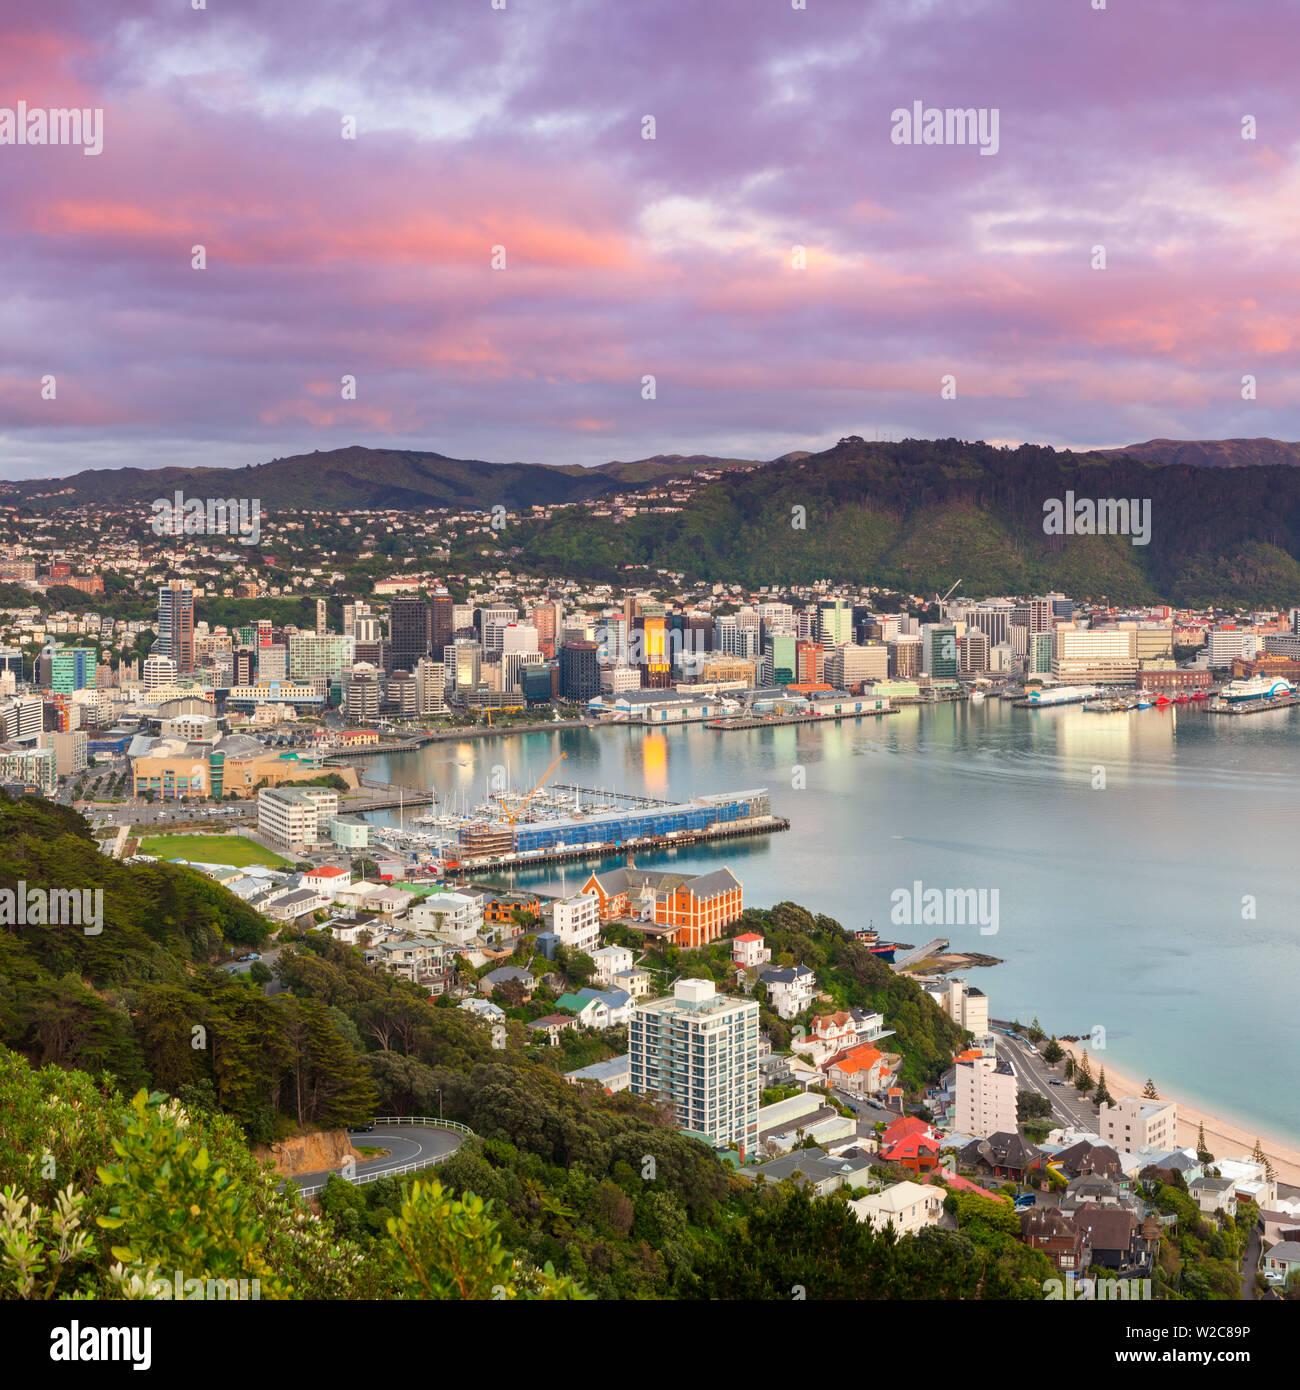 Erhöhten Blick auf Zentrum von Wellington beleuchtet bei Sonnenaufgang, Wellington, Nordinsel, Neuseeland Stockbild